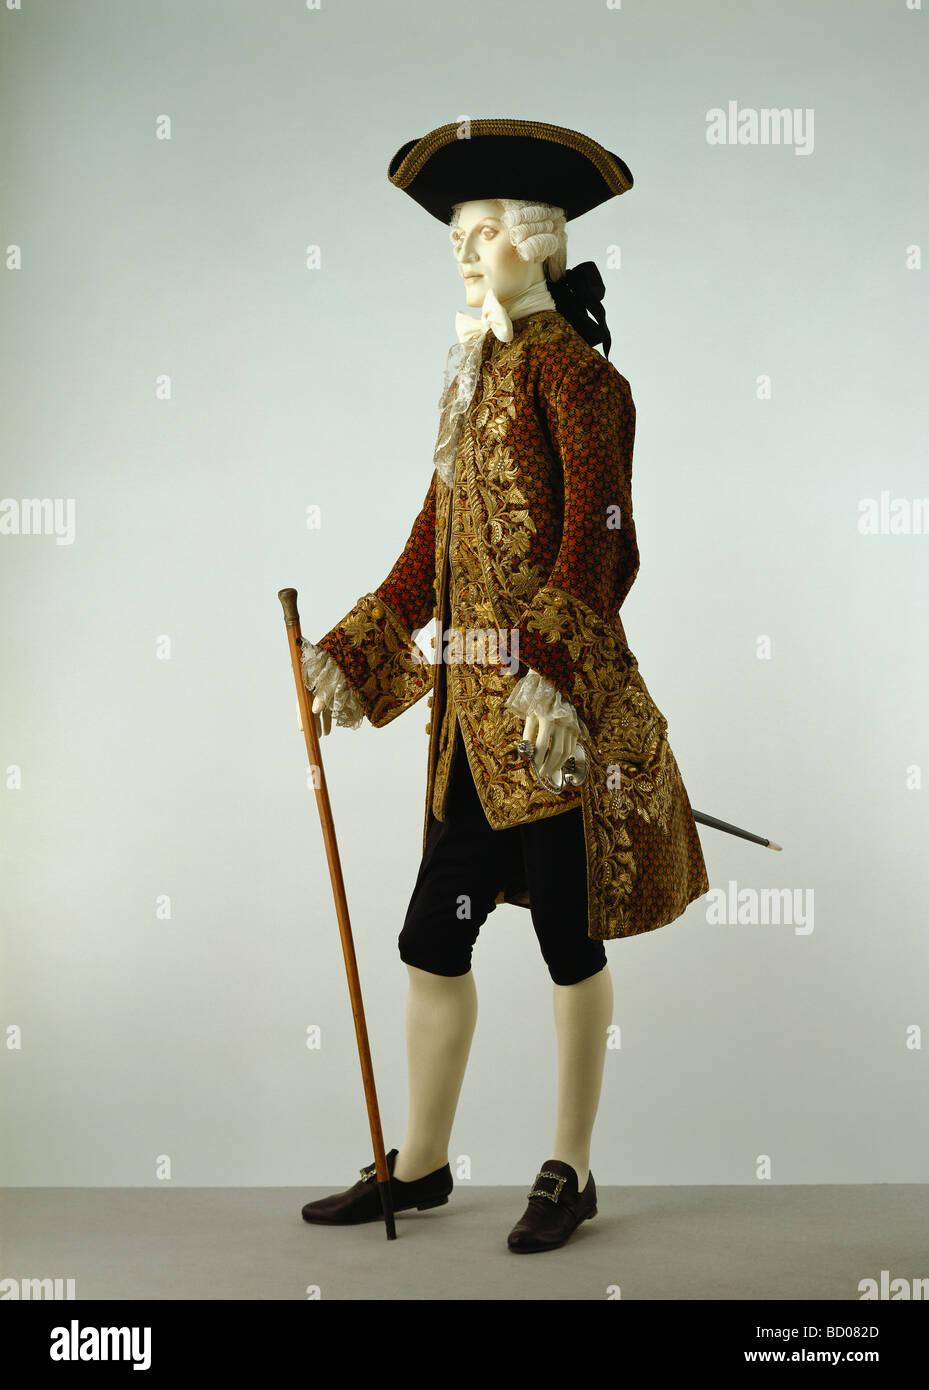 Dress coat and waistcoat. Italy, 18th century - Stock Image